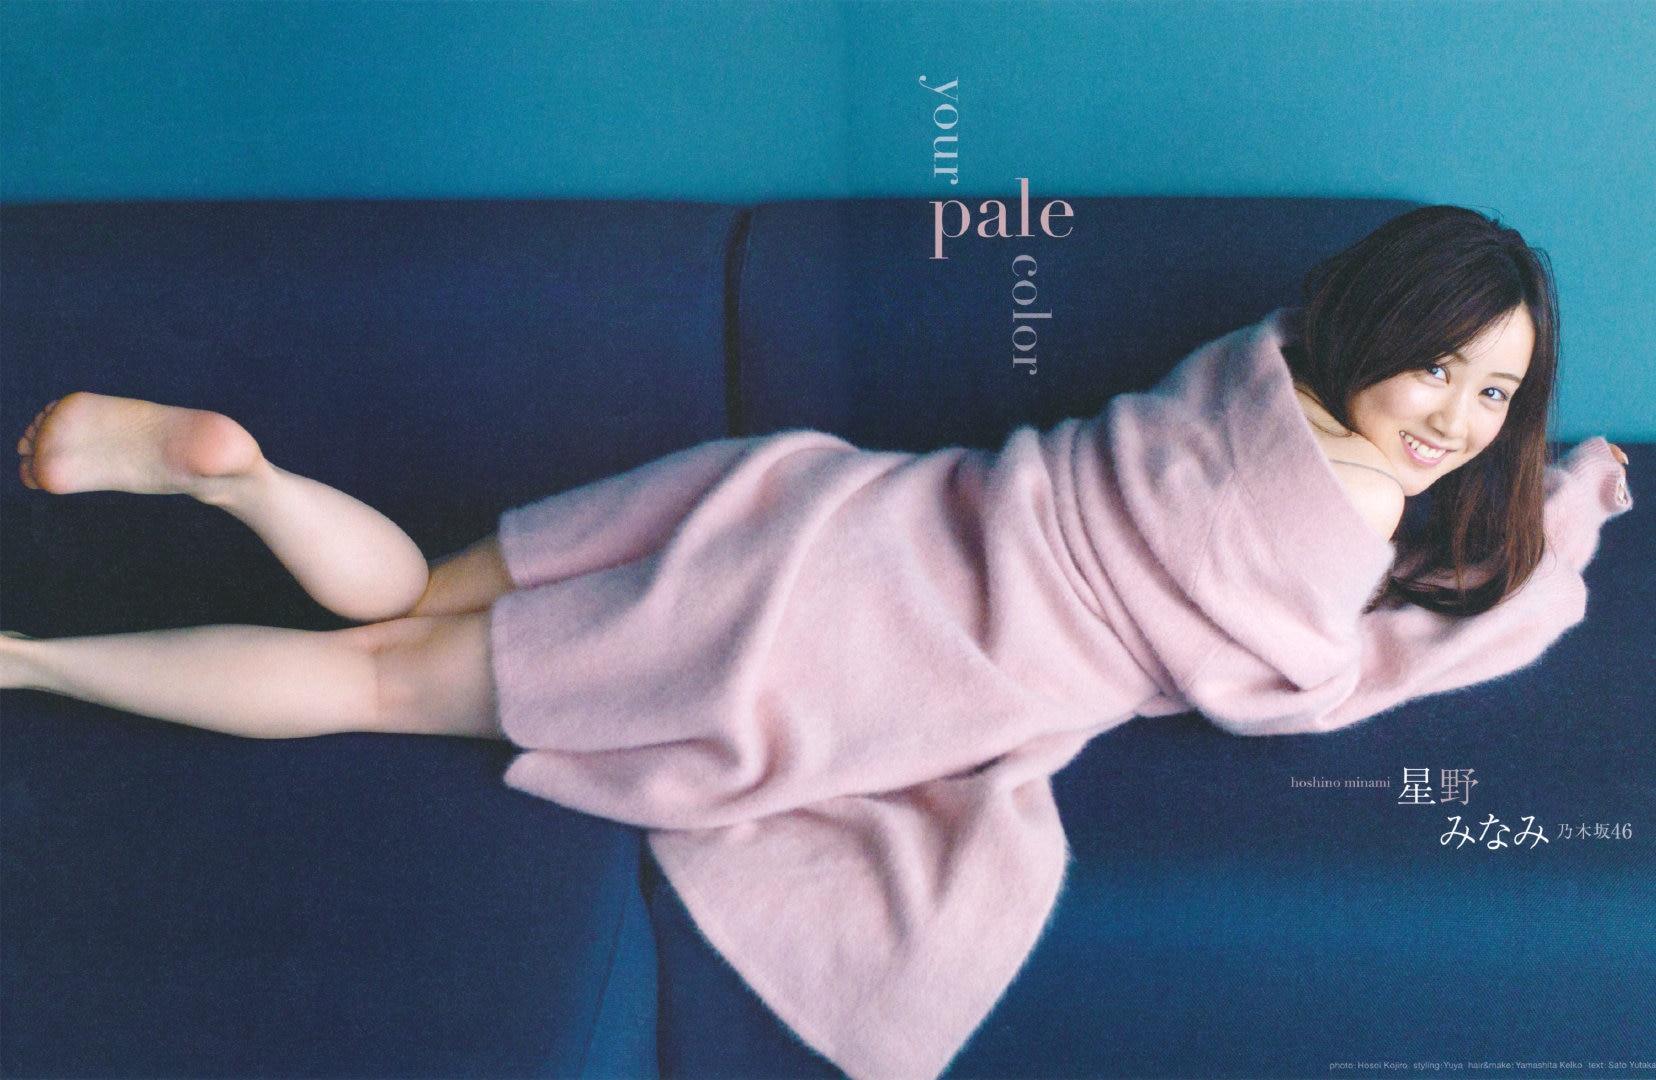 星野南 「Your Pale Color」BLT Graph Vol.65插图